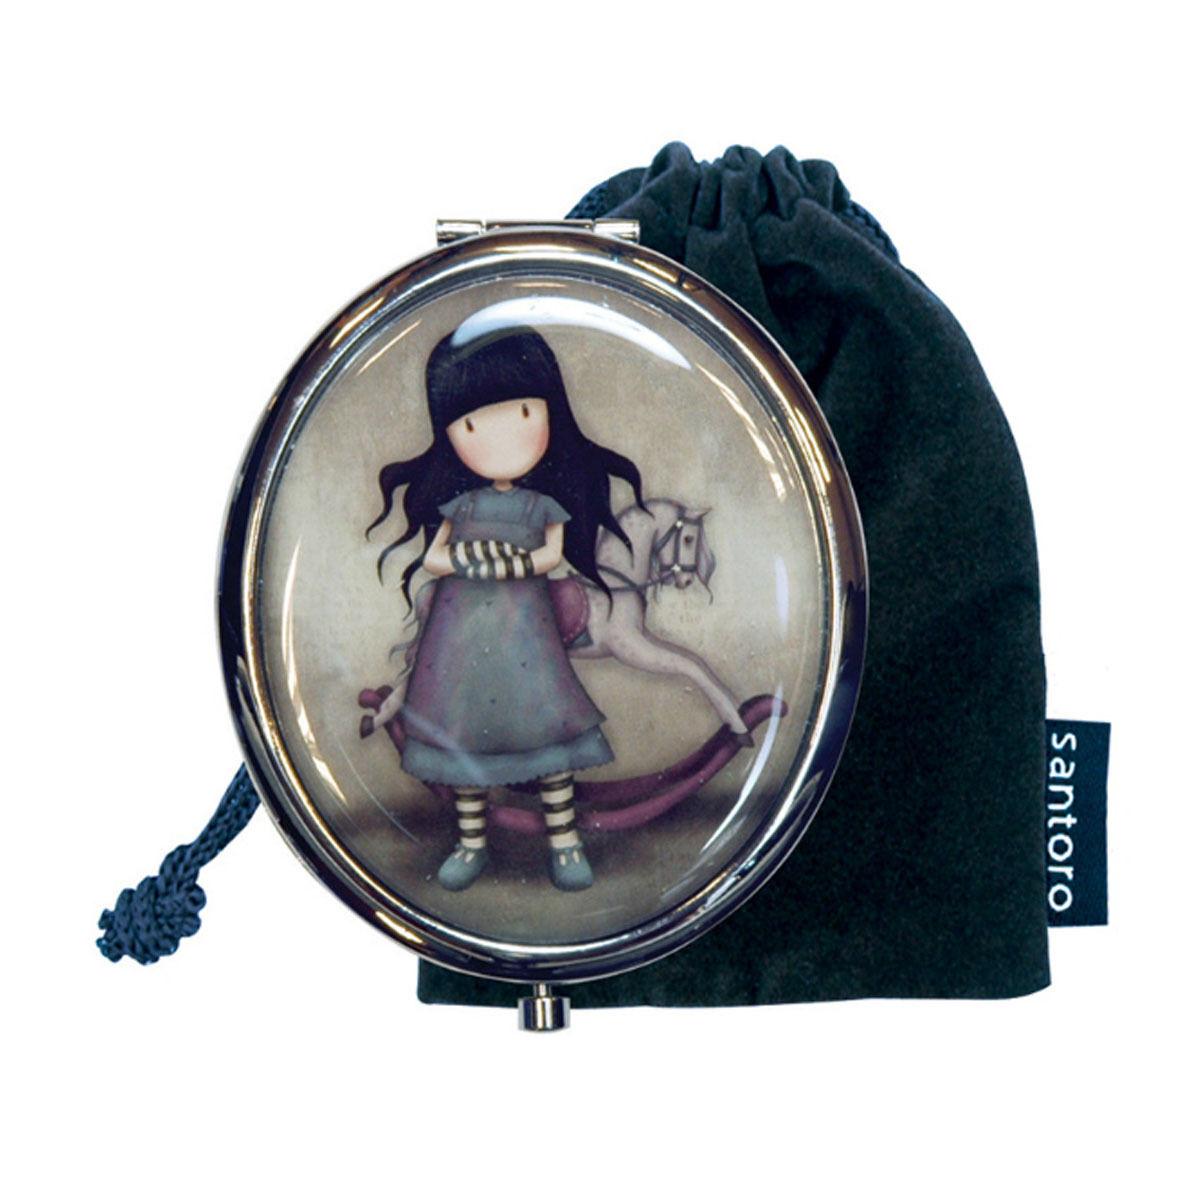 GORJUSS specchietto compatto in metallo argentato con sacchetto 7,5x6 cm SANTORO